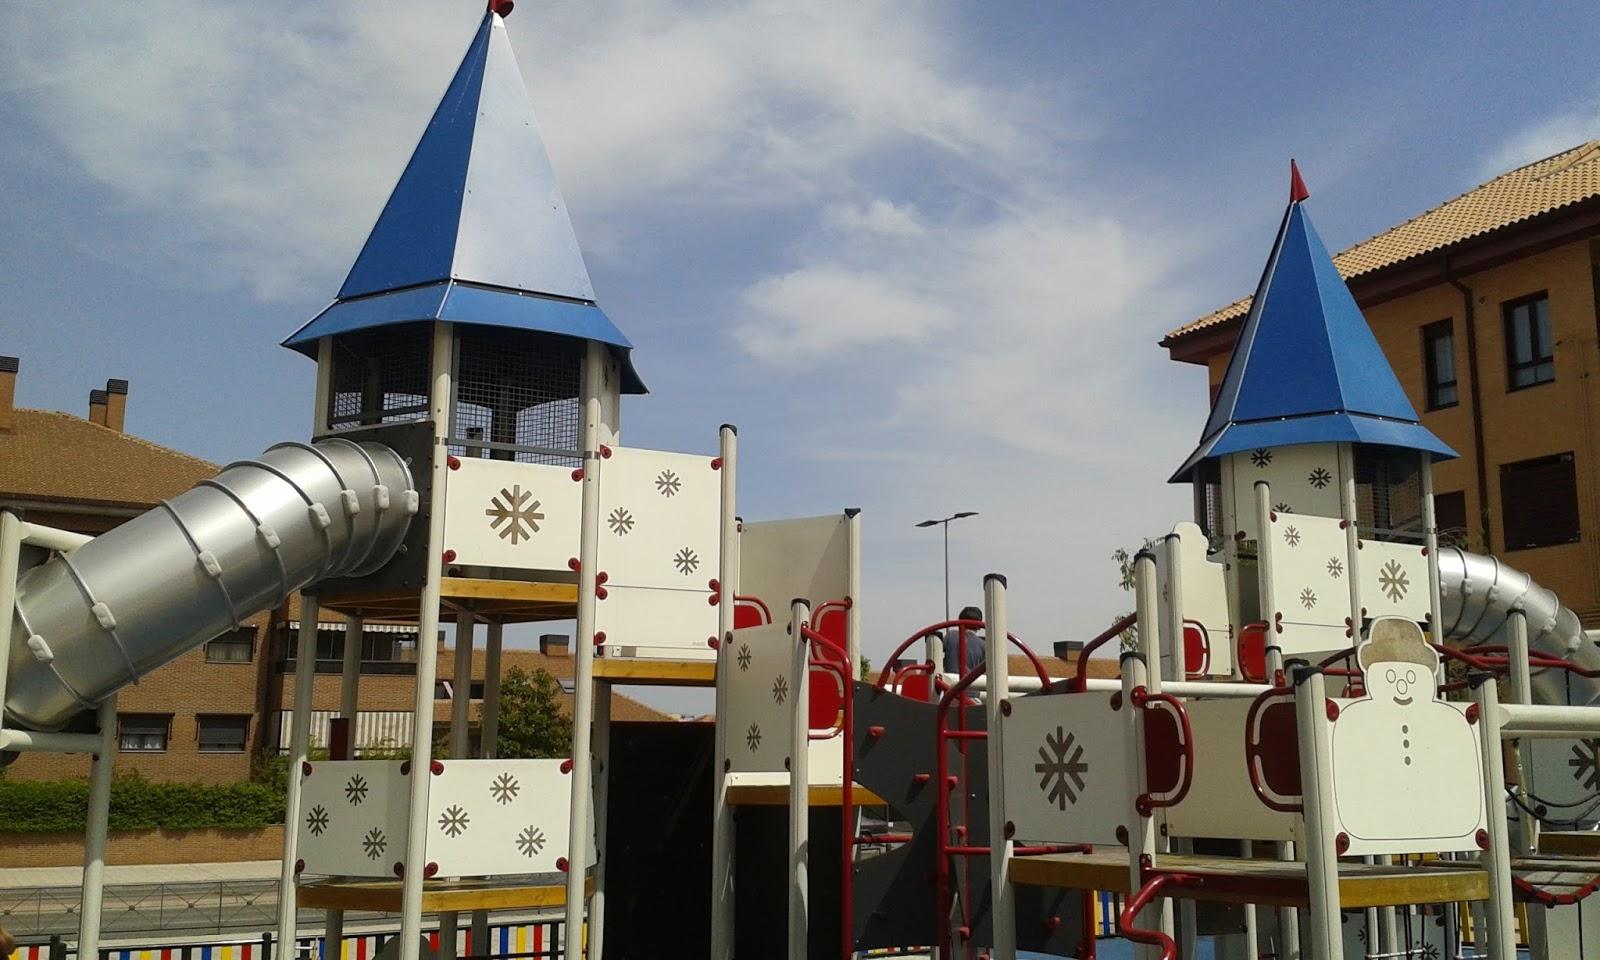 De profesi n mami parques para ni os grandes en madrid - Decoracion san sebastian de los reyes ...